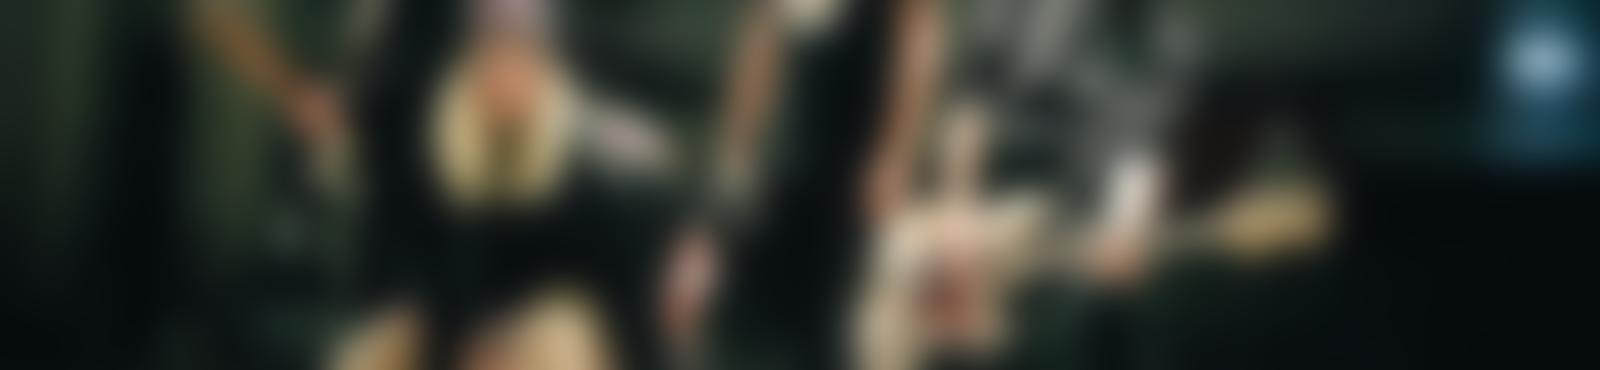 Blurred fd7b5034 7bc3 475a 9964 98d0575d1ba6